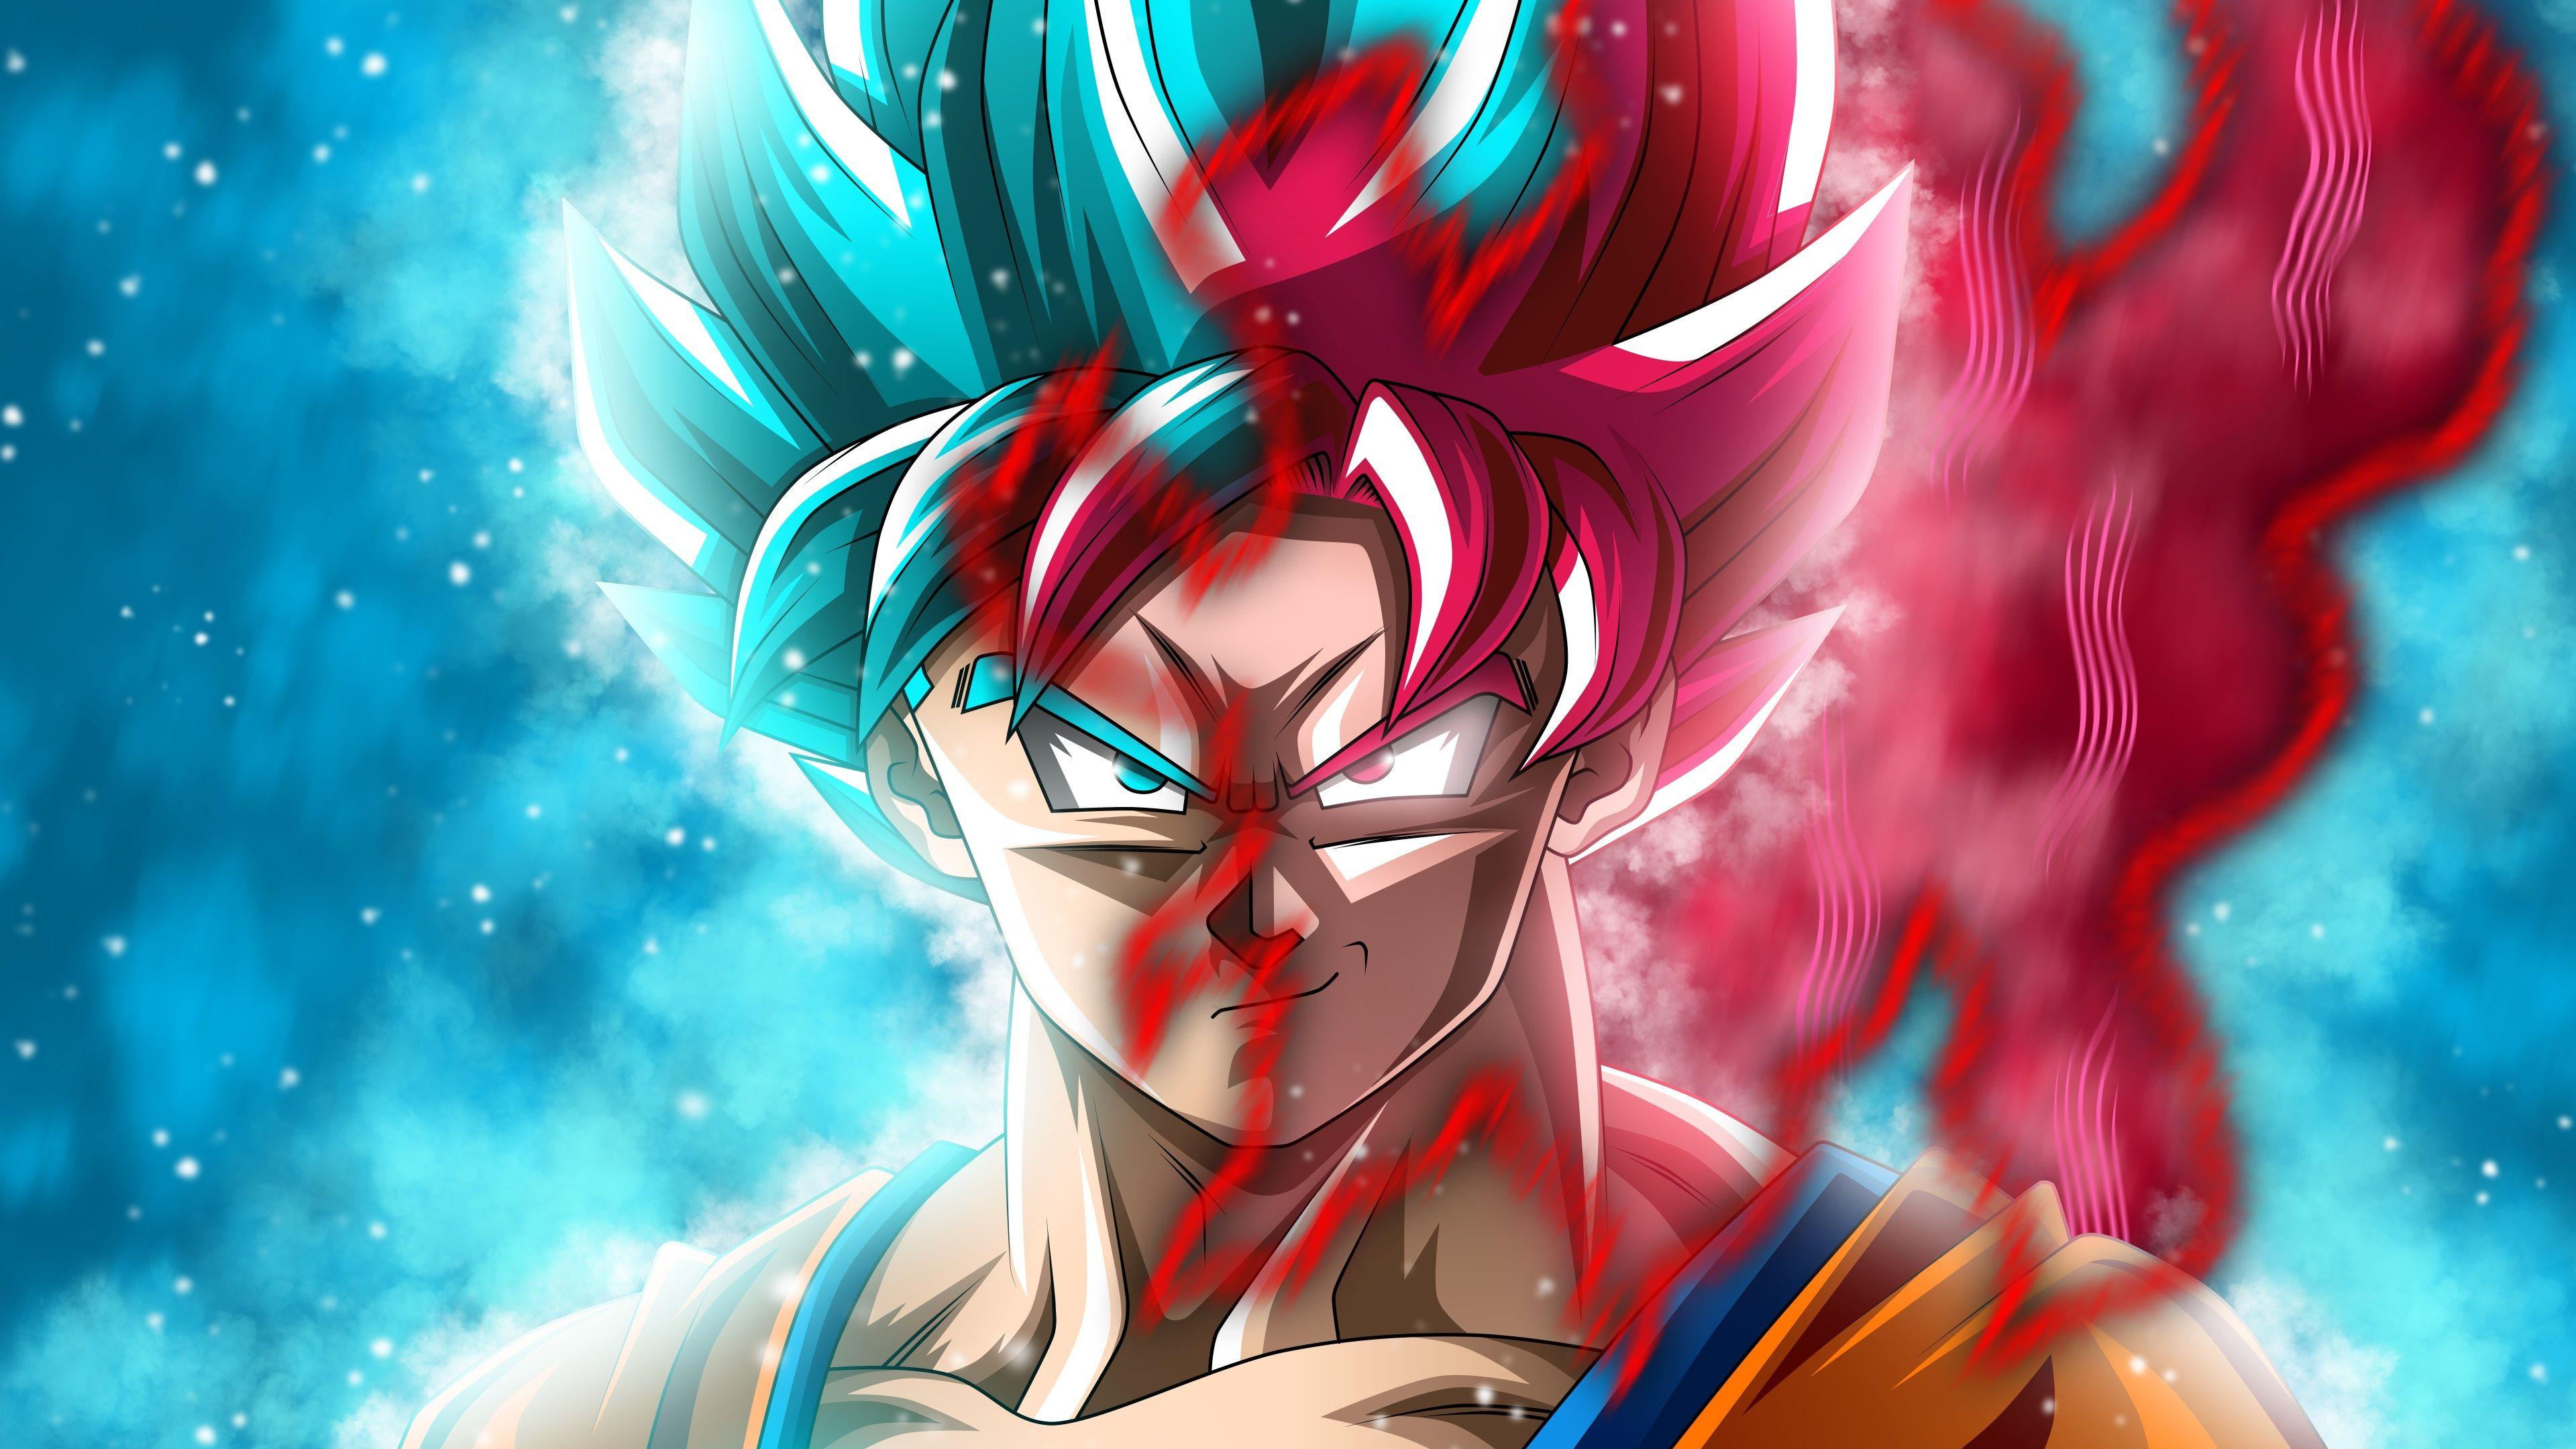 HÌnh nền cực đẹp Dragon Ball 7 viên ngọc rồng